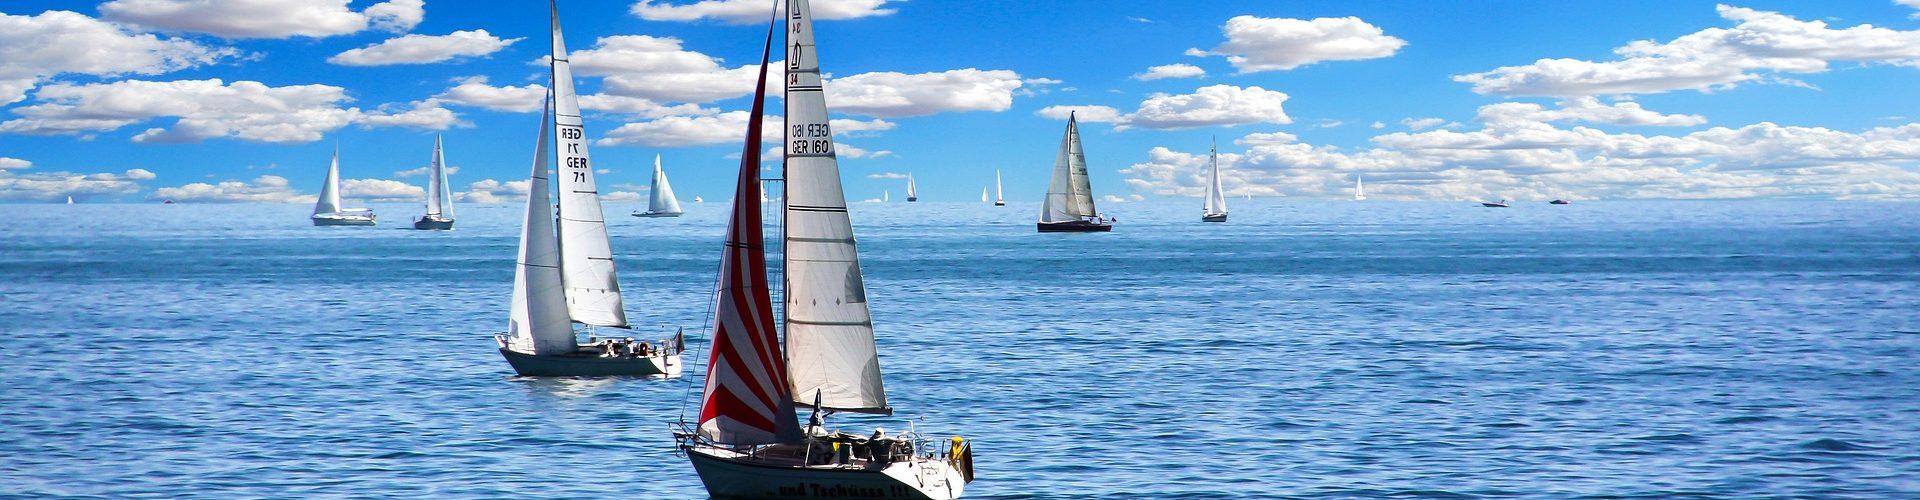 segeln lernen in Sellin segelschein machen in Sellin 1920x500 - Segeln lernen in Sellin